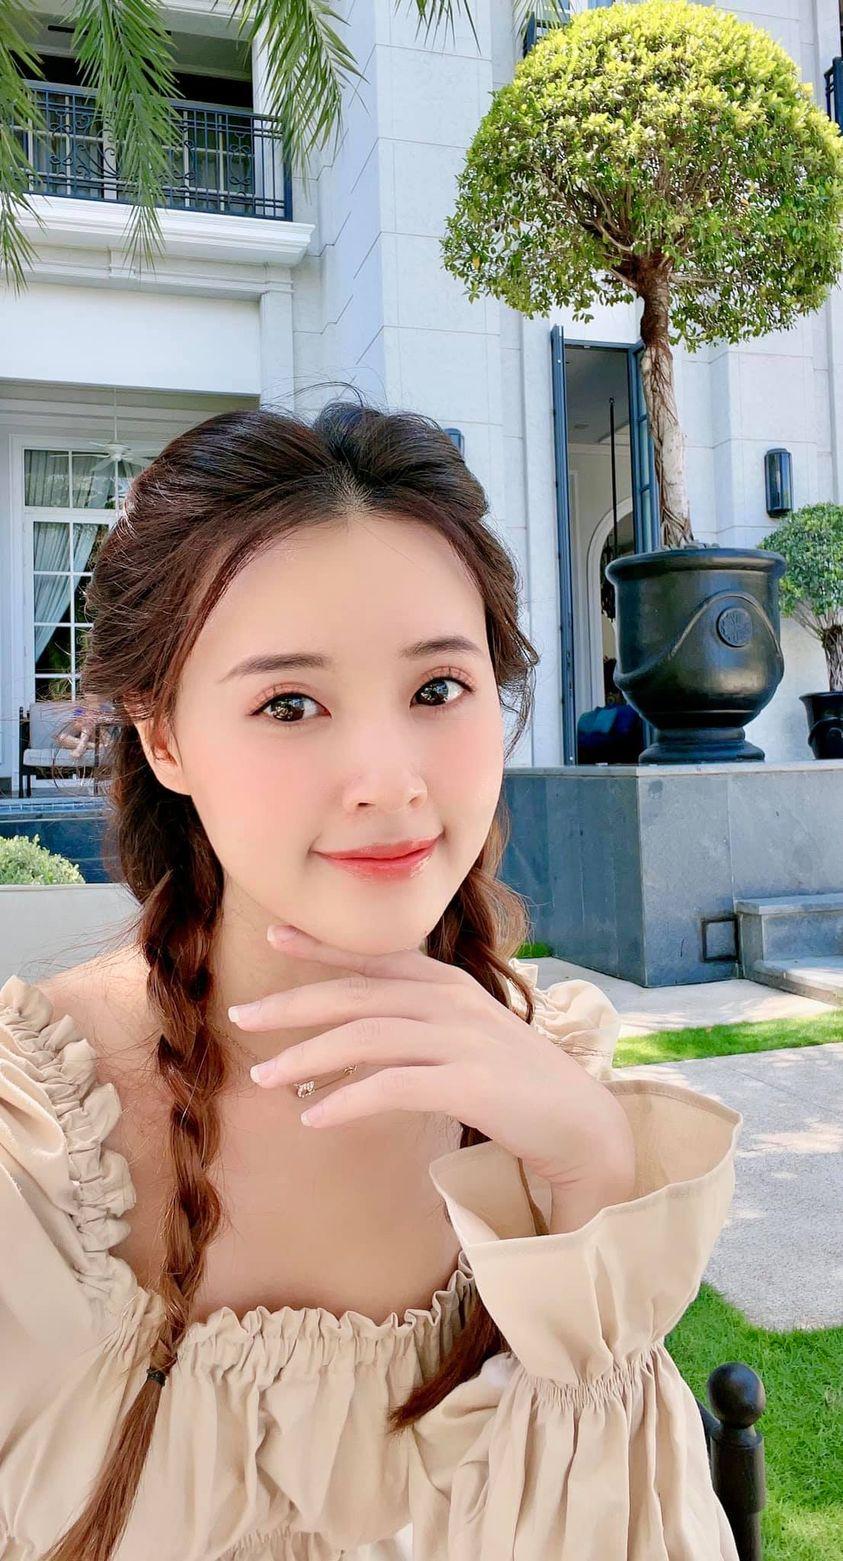 Sao Việt 24h: Hà Hồ khoe chân dài miên man cùng Lisa, Ông Cao Thắng tâm sự mỏng với 'thư ký cưng' của vợ - Ảnh 8